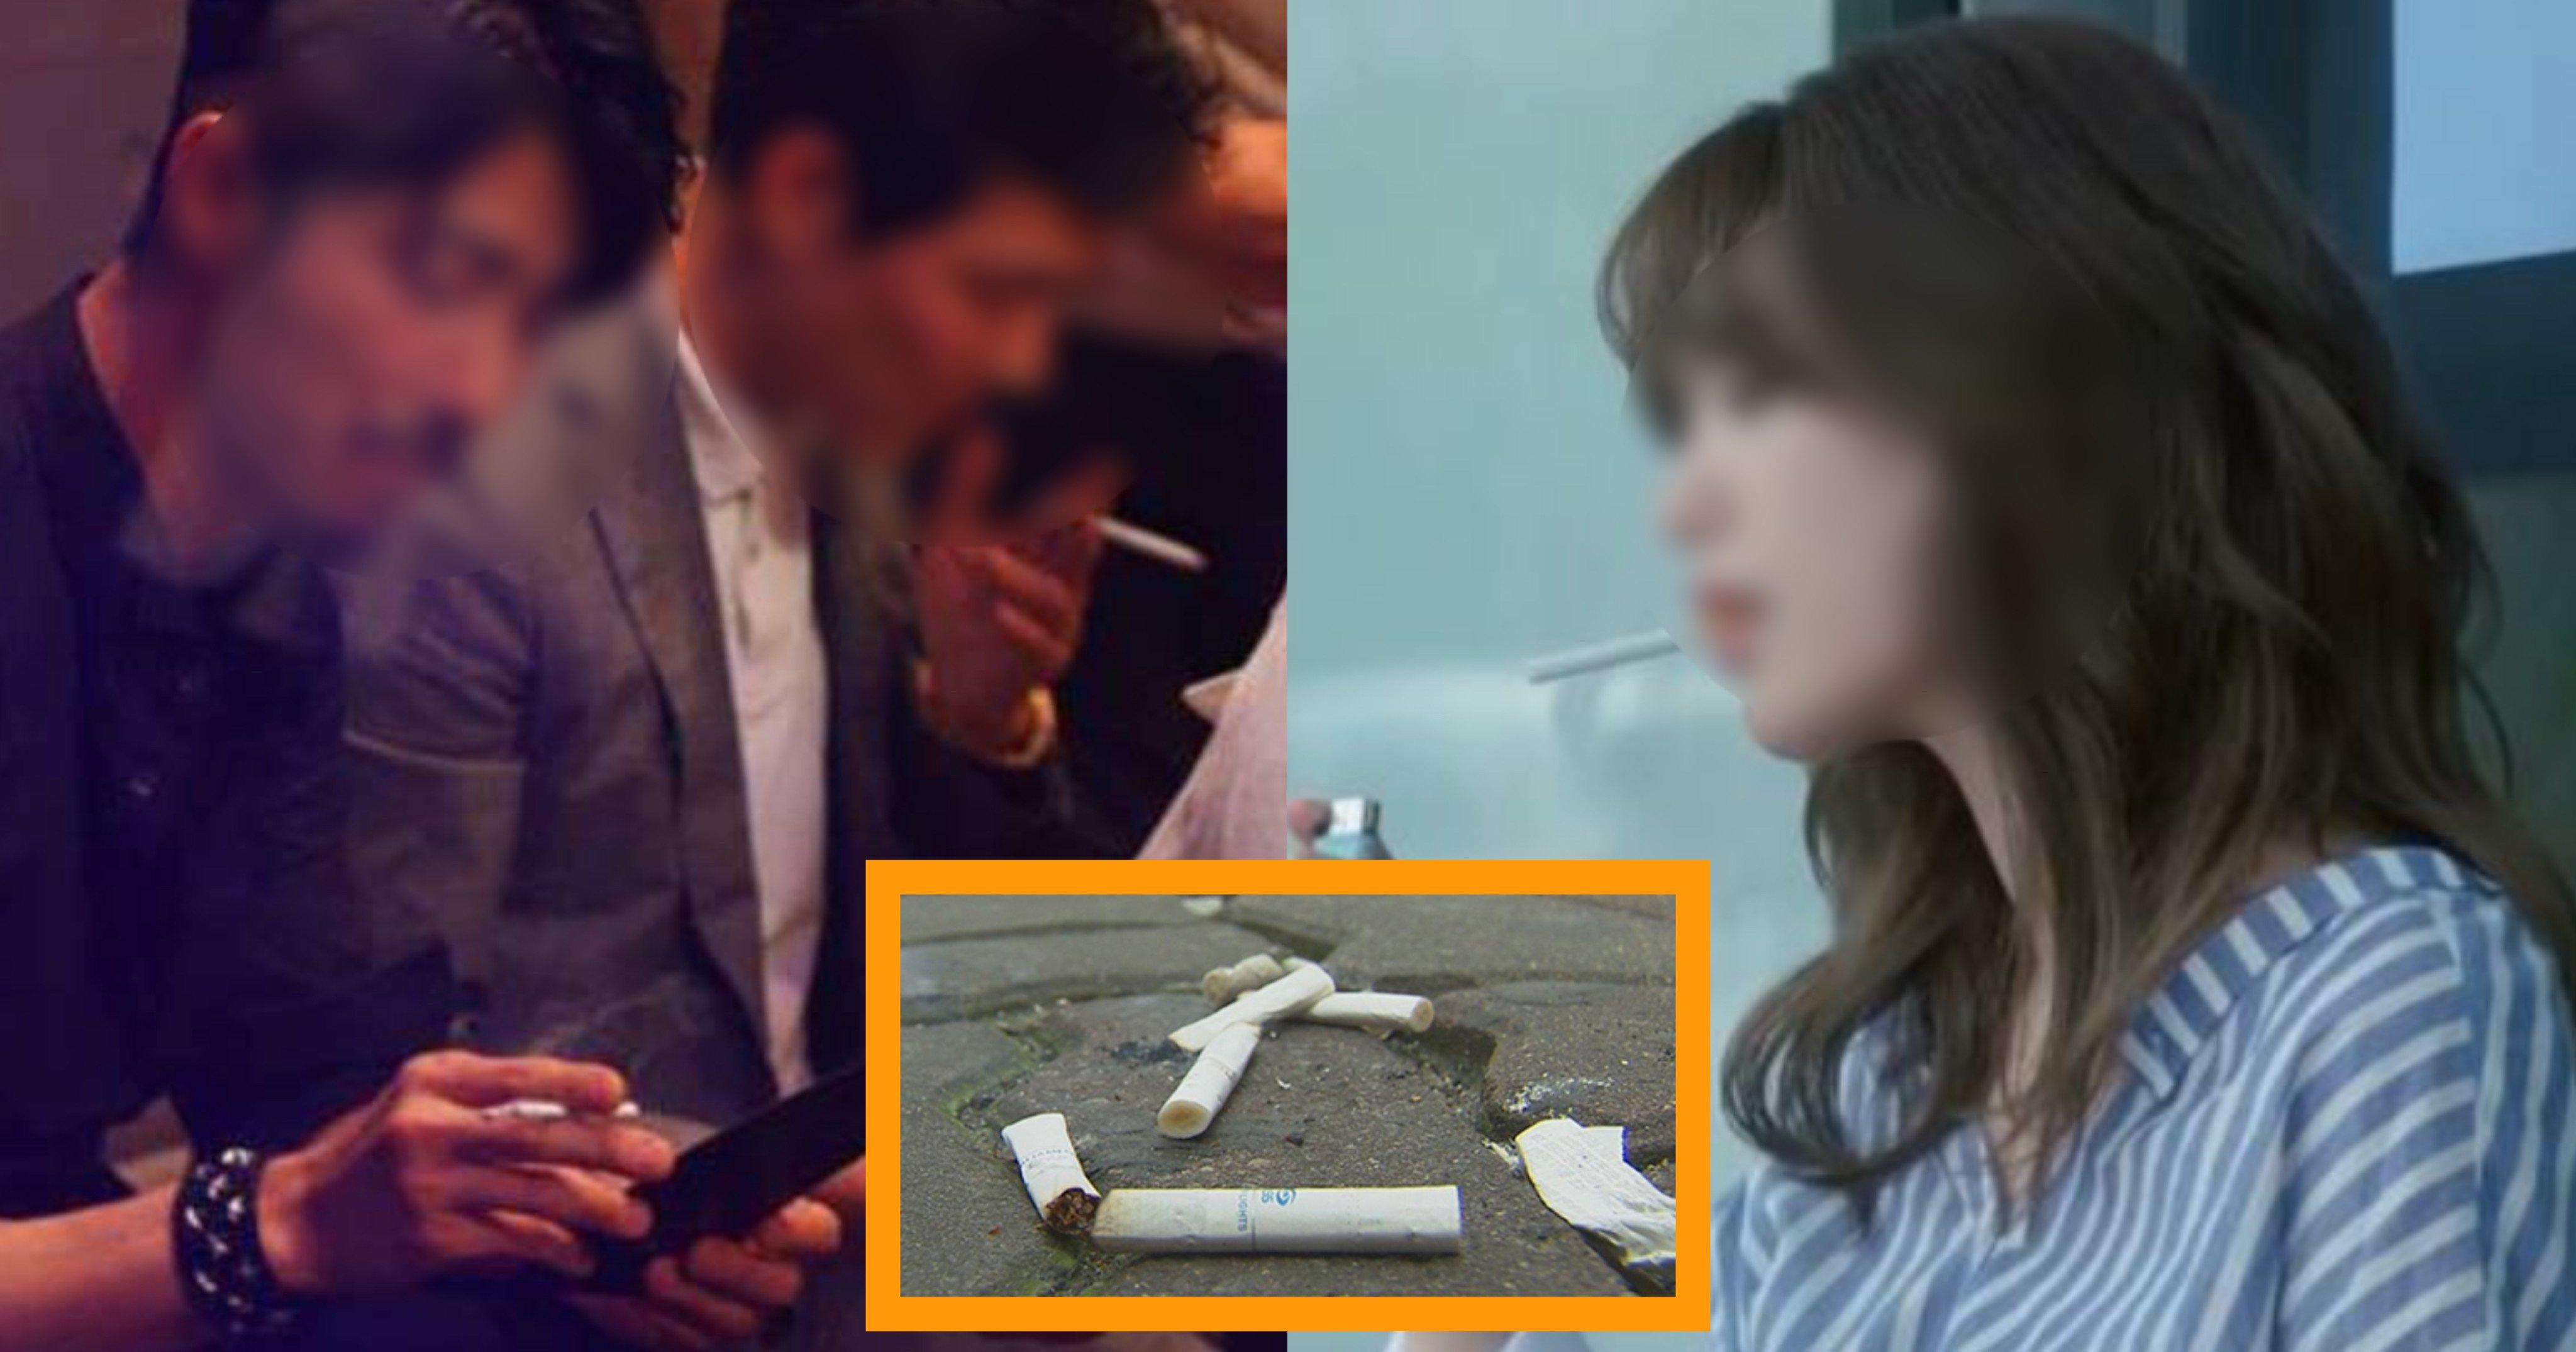 """a066f42c f1c0 4c0b b32c f18a5d112534.jpeg?resize=1200,630 - """"흡연자분들 담배꽁초 버리지 말고 모으세요~""""… 다음달부터 주민센터에 담배꽁초 가져가면 돈 받을 수 있다 (+접수방법)"""